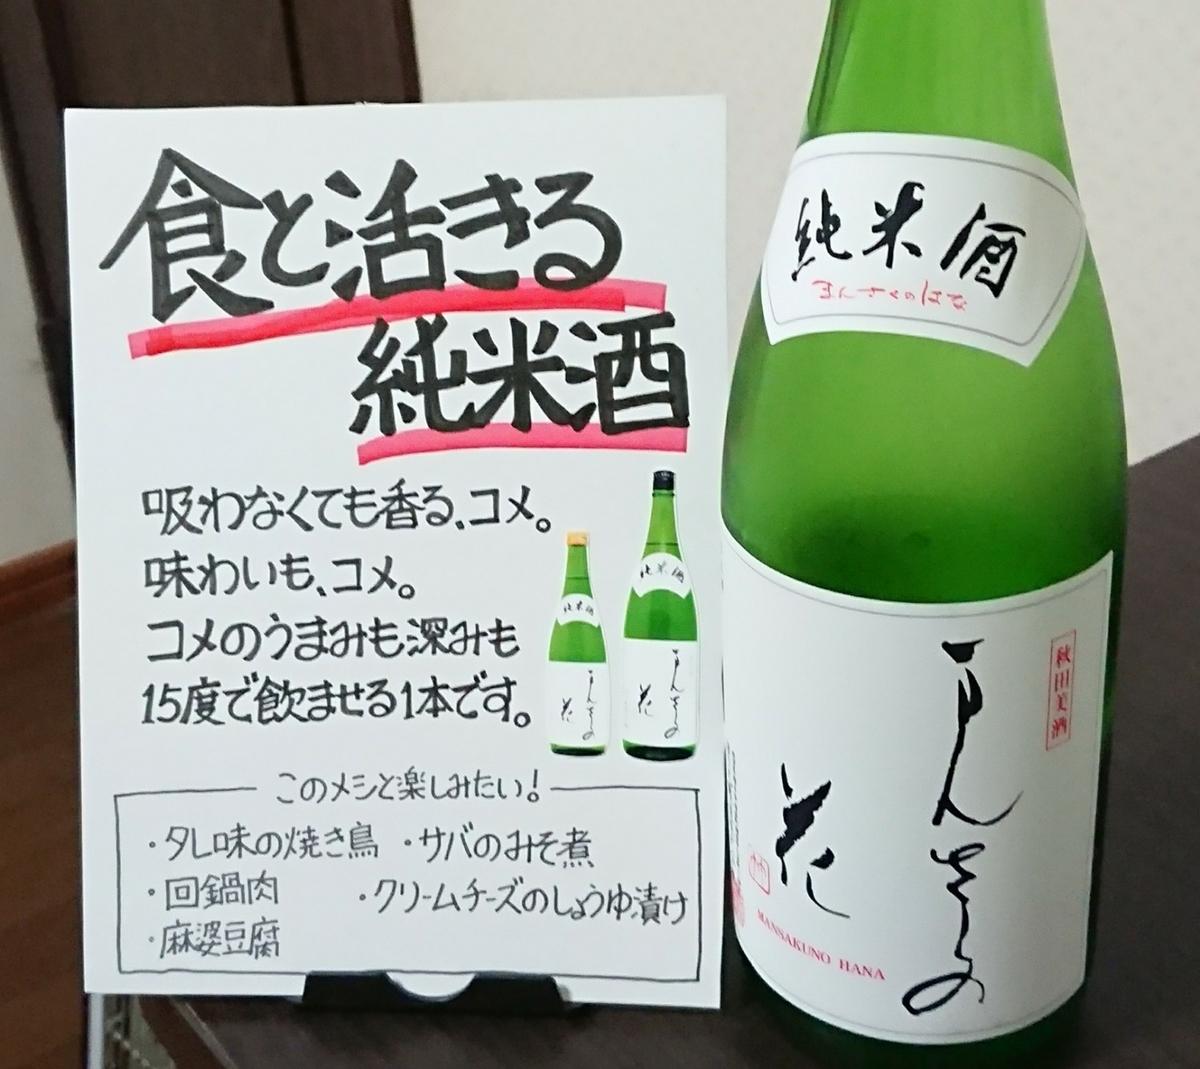 まんさくの花 純米酒の感想・評価:米。どこまでも米。食と活きる純米酒。